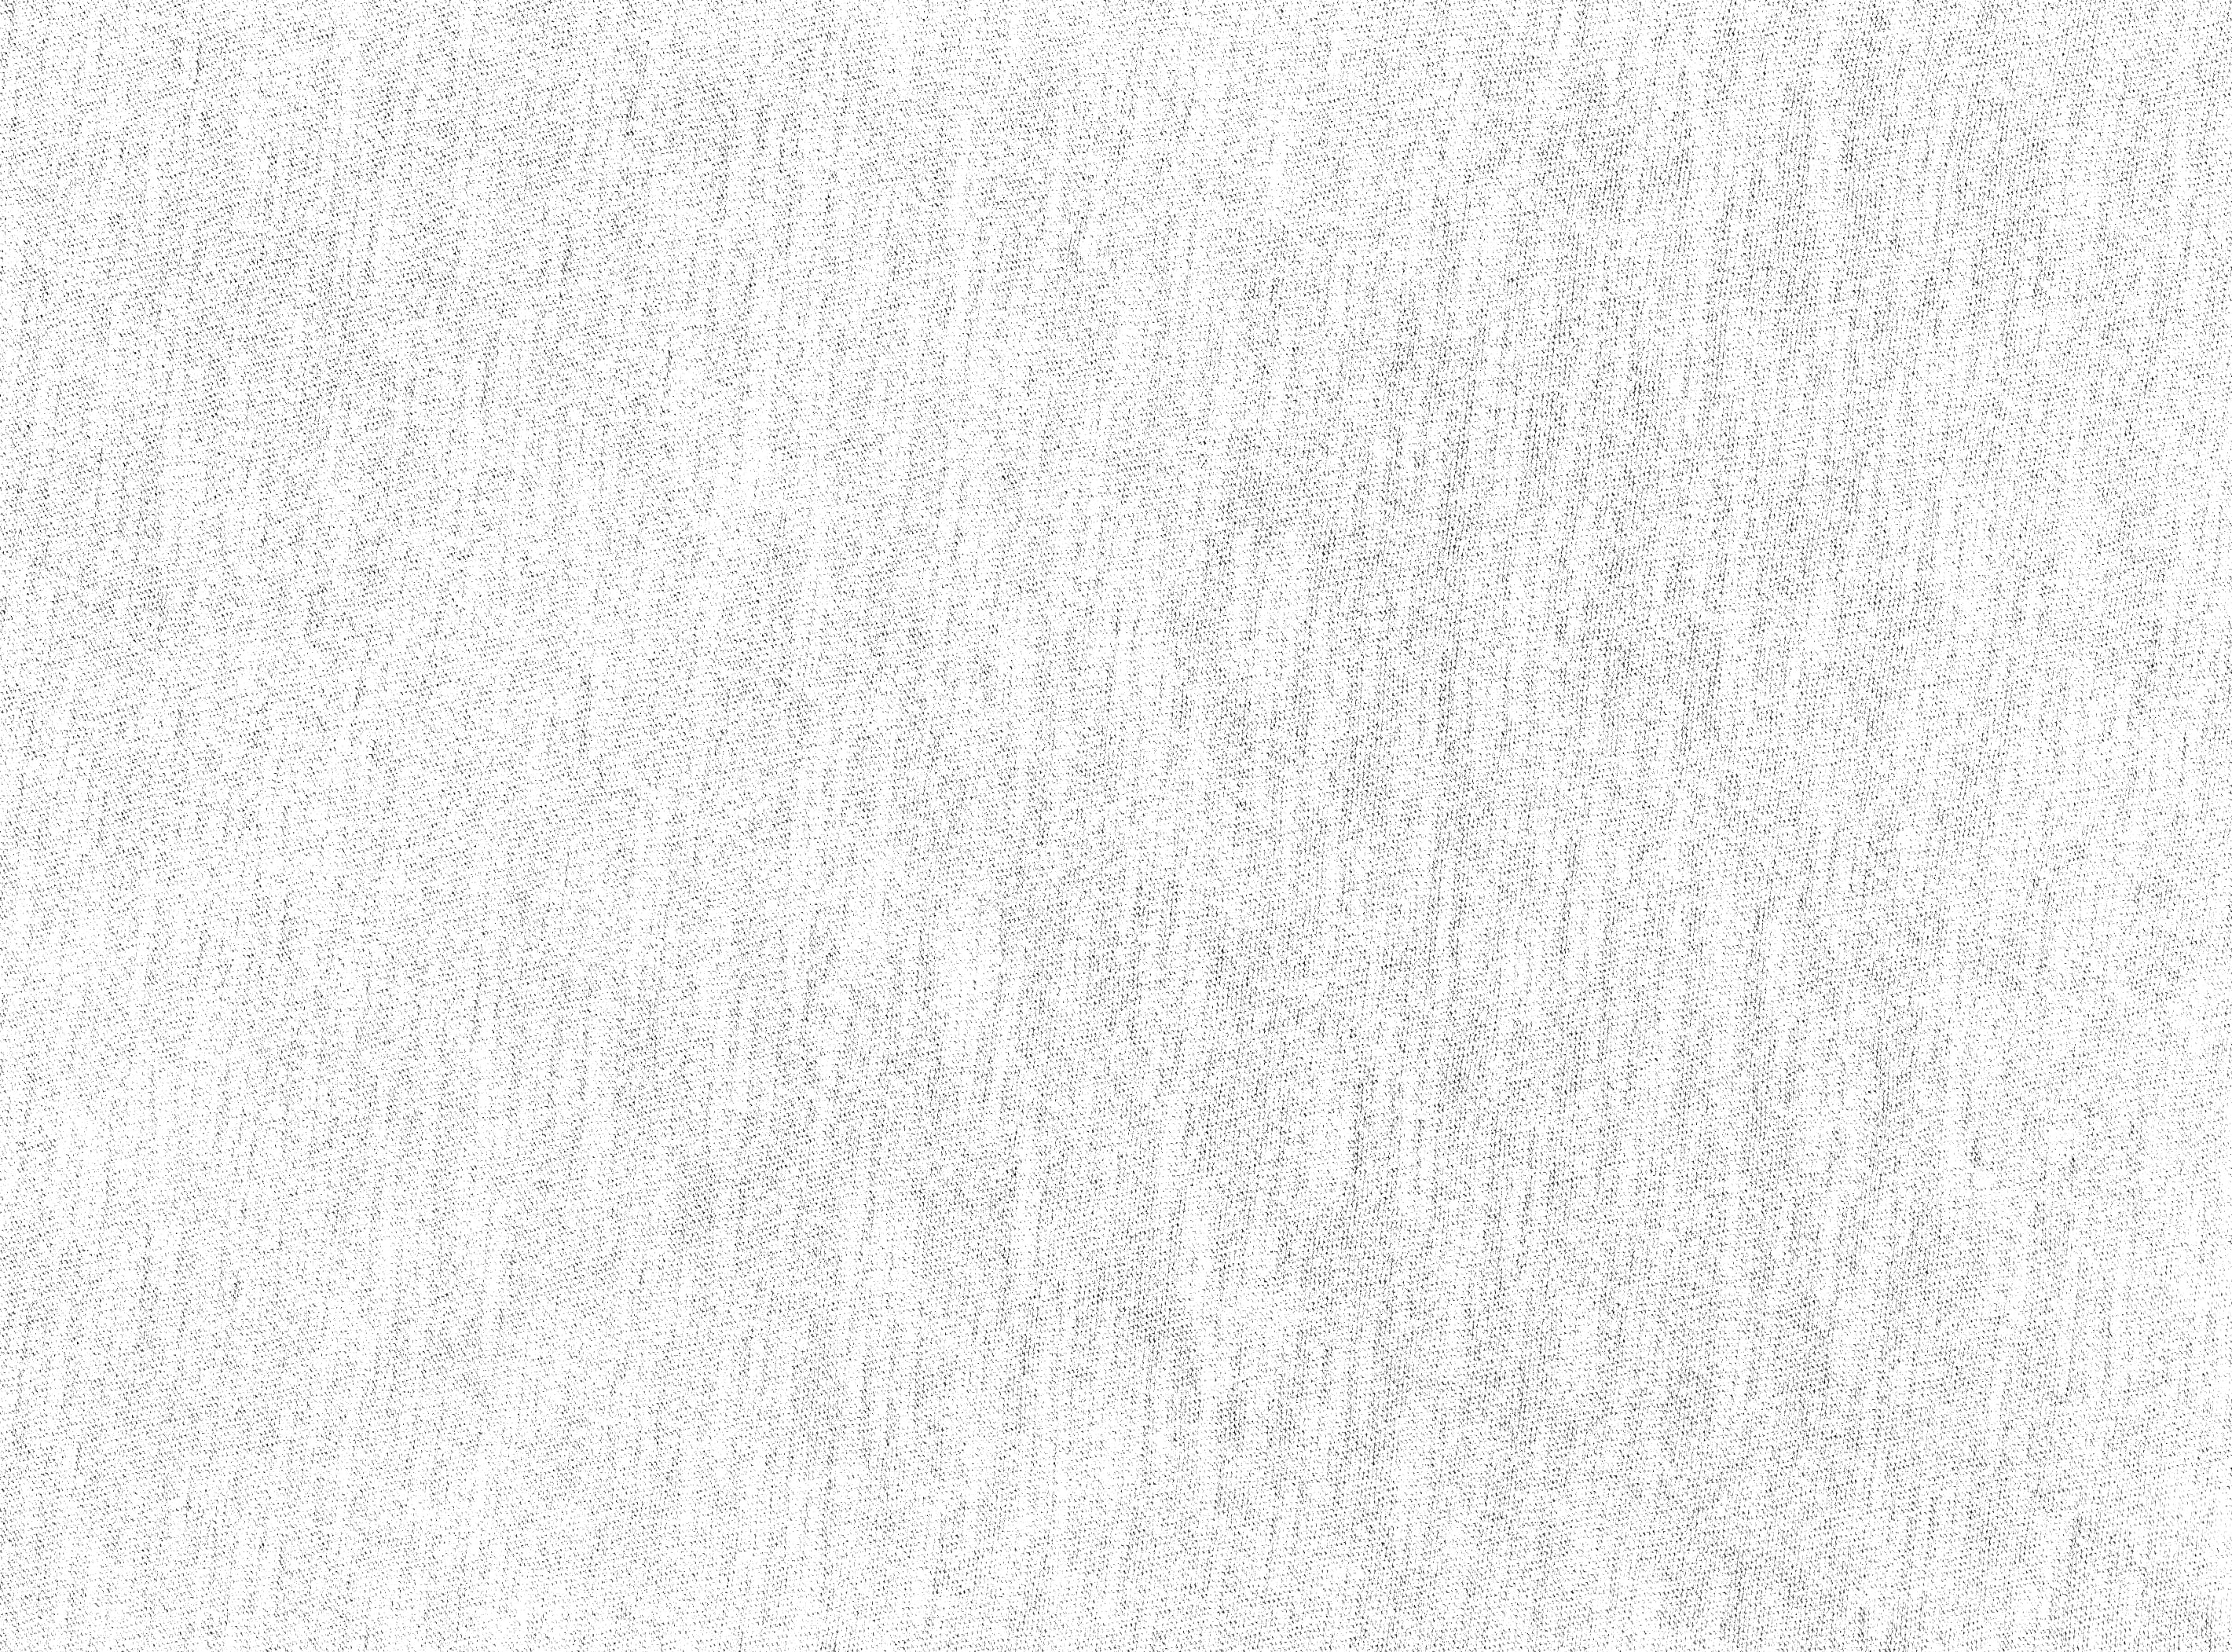 font-iciel-viet-hoa (103)